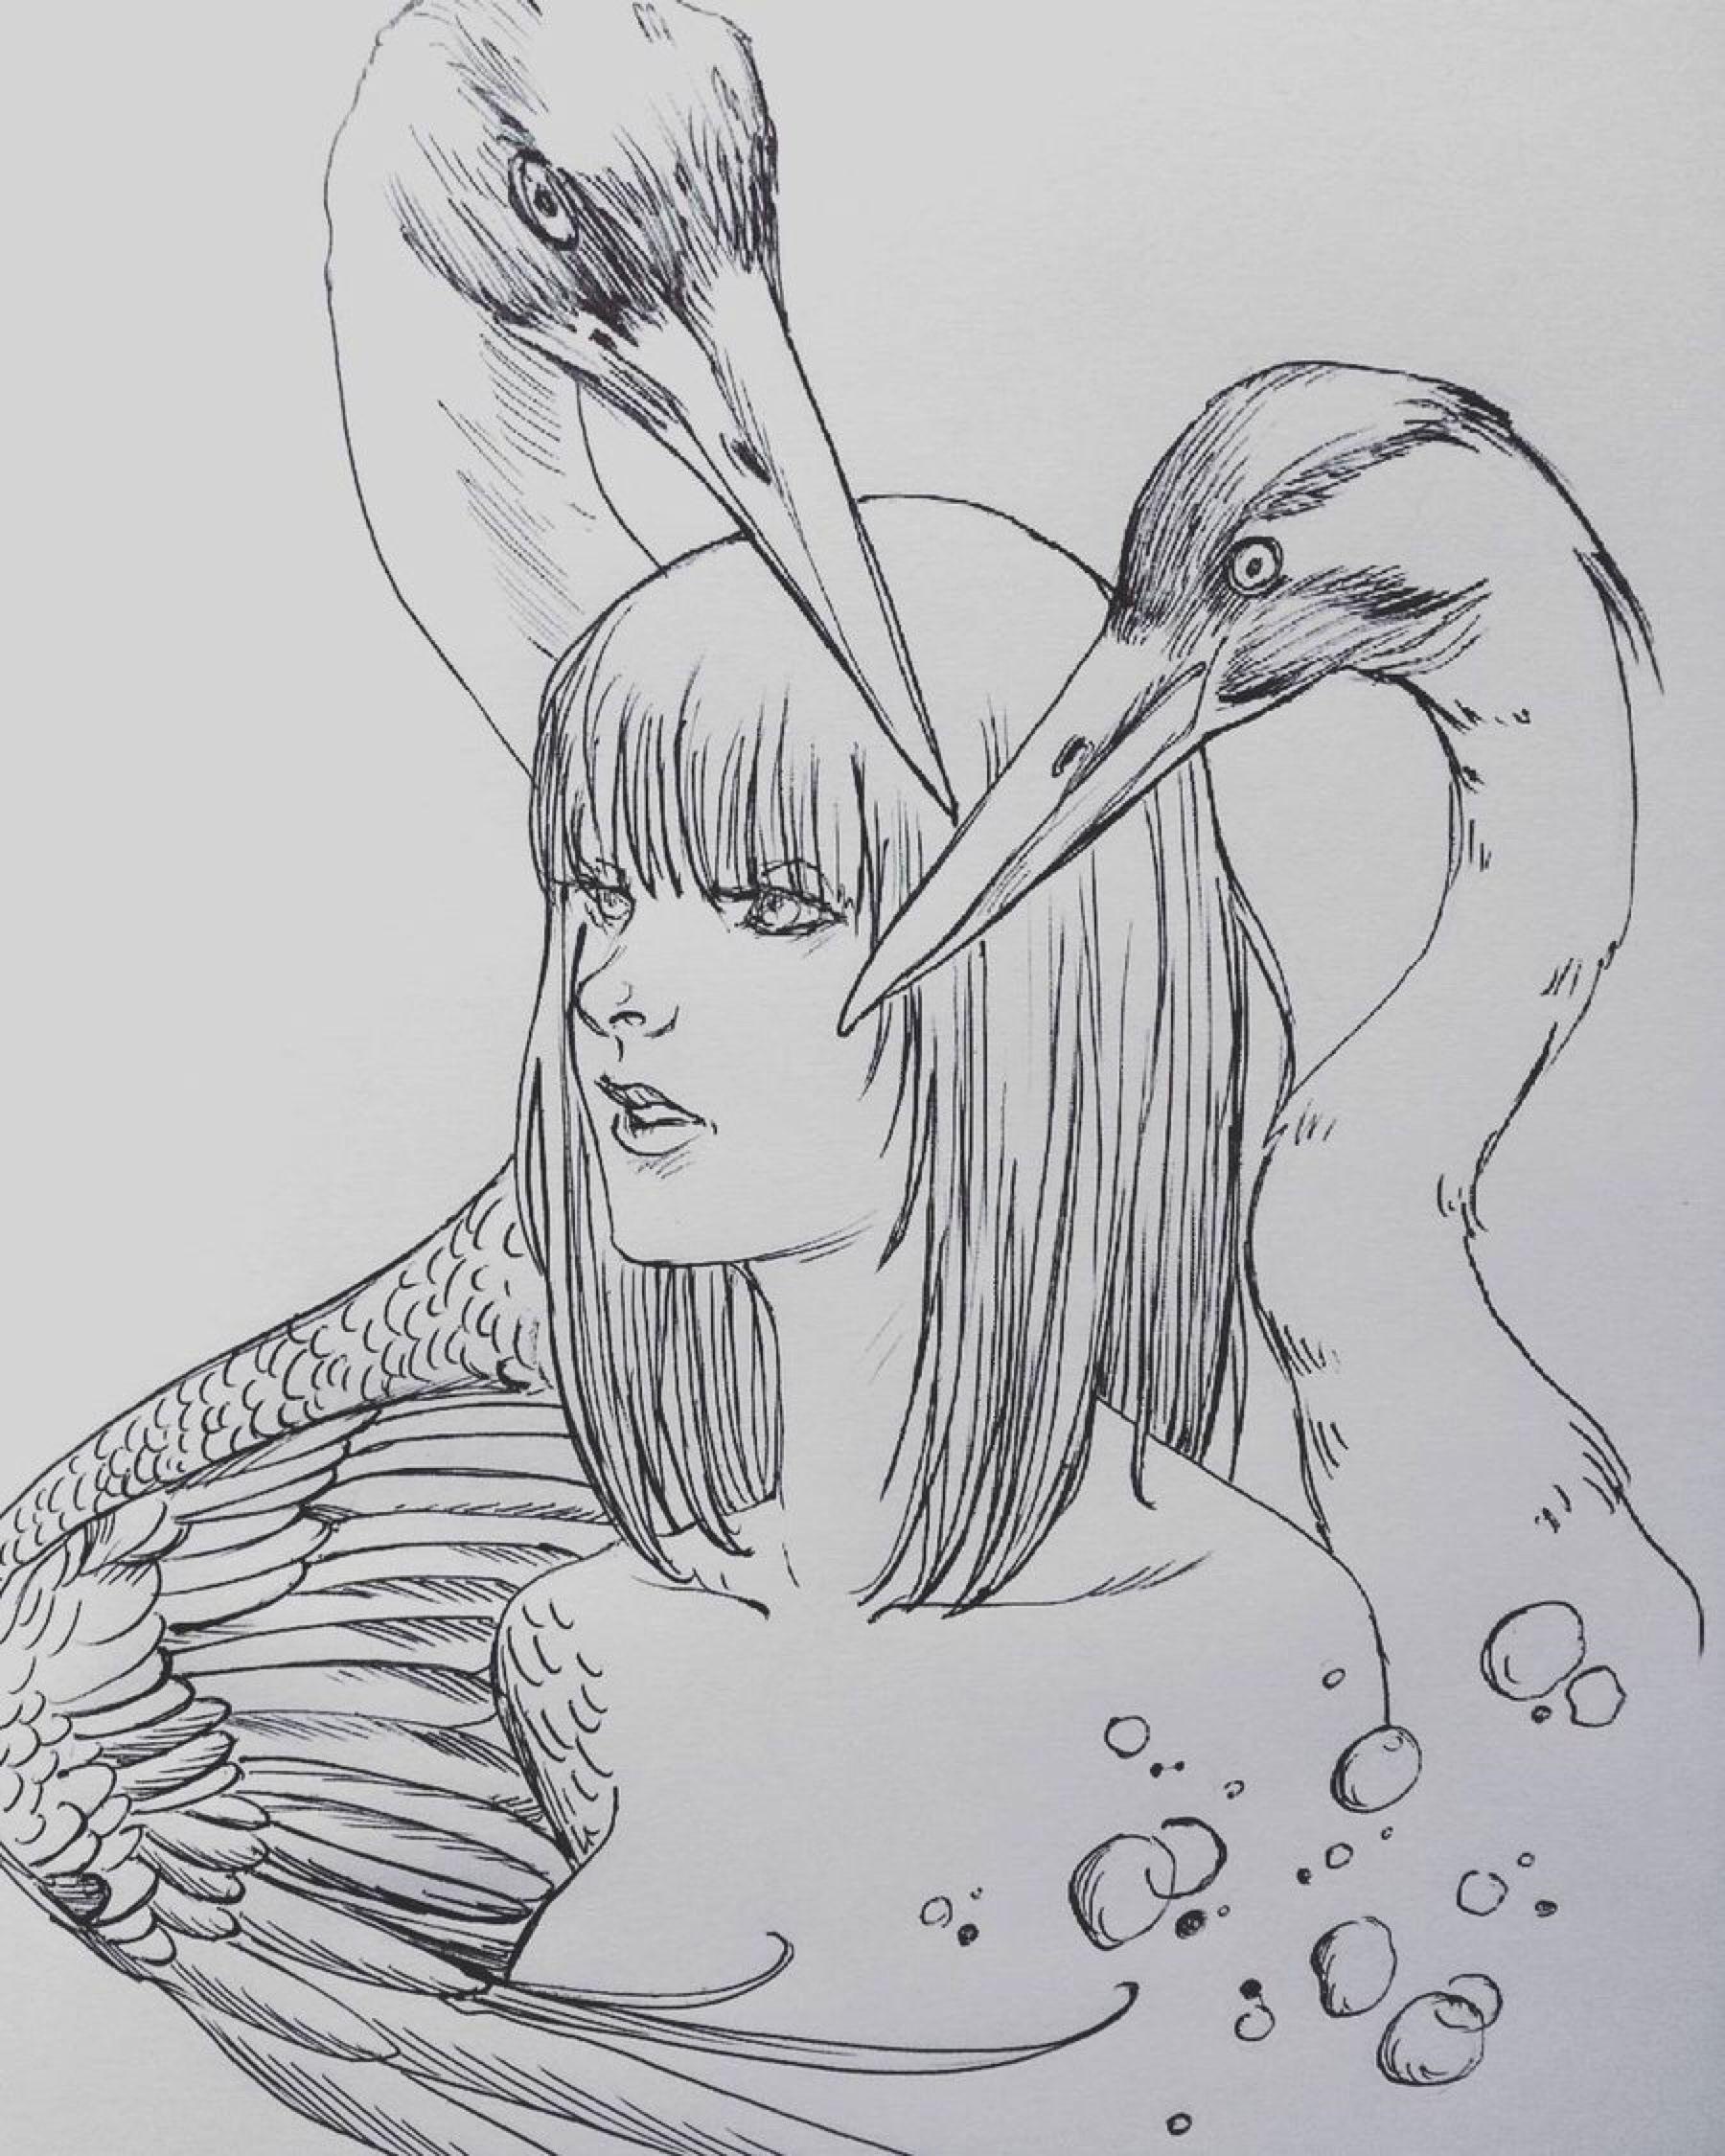 Spirit animal by jowielimart on deviantart